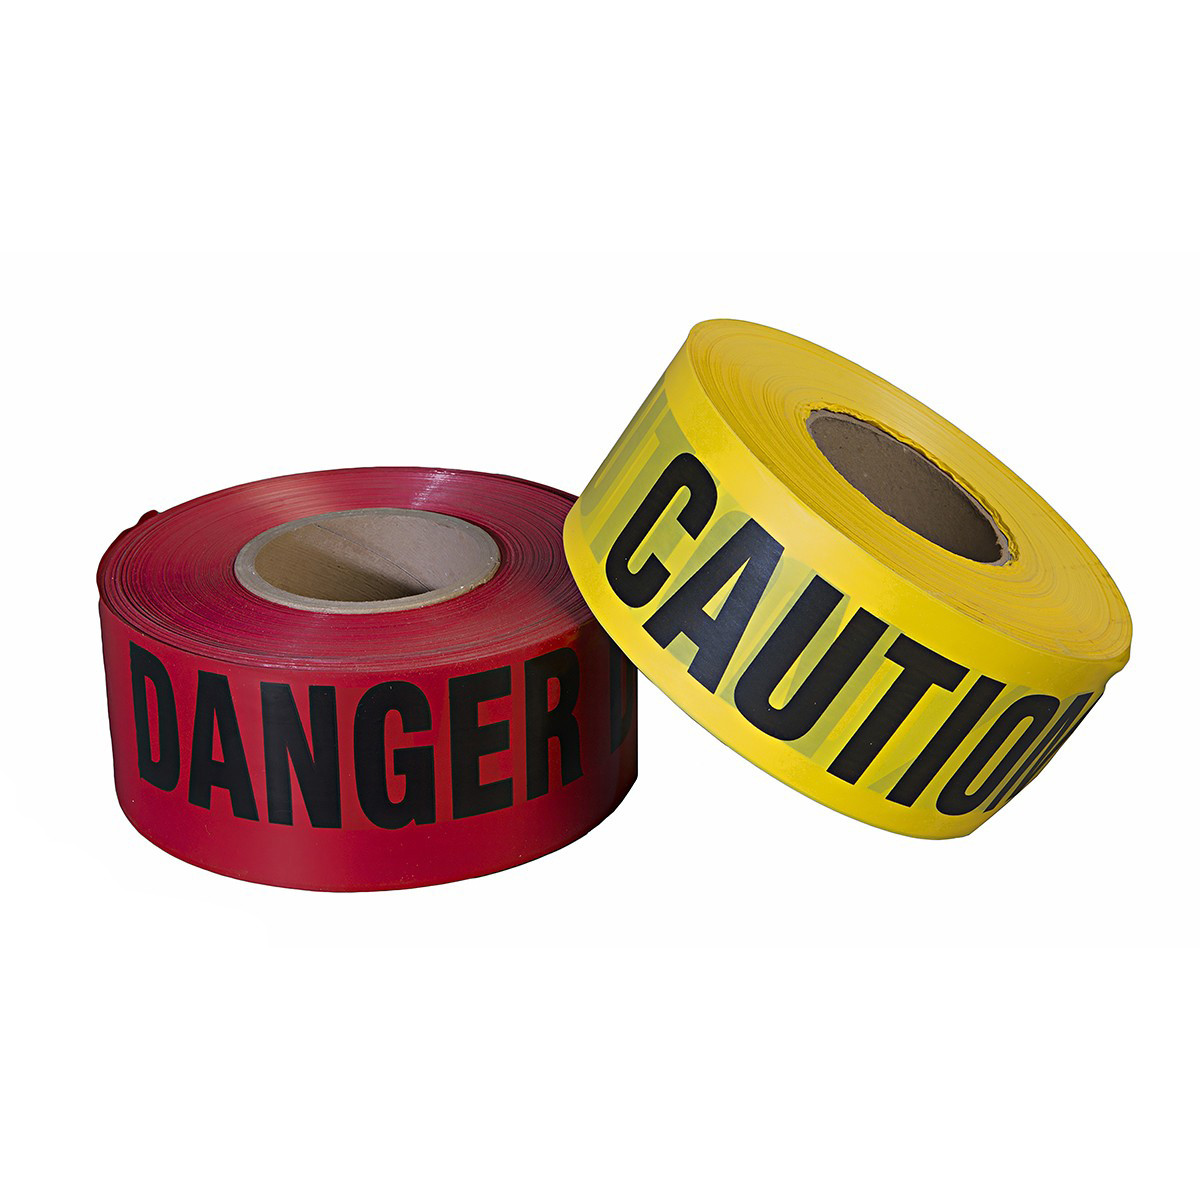 Caution Tape Premium quality